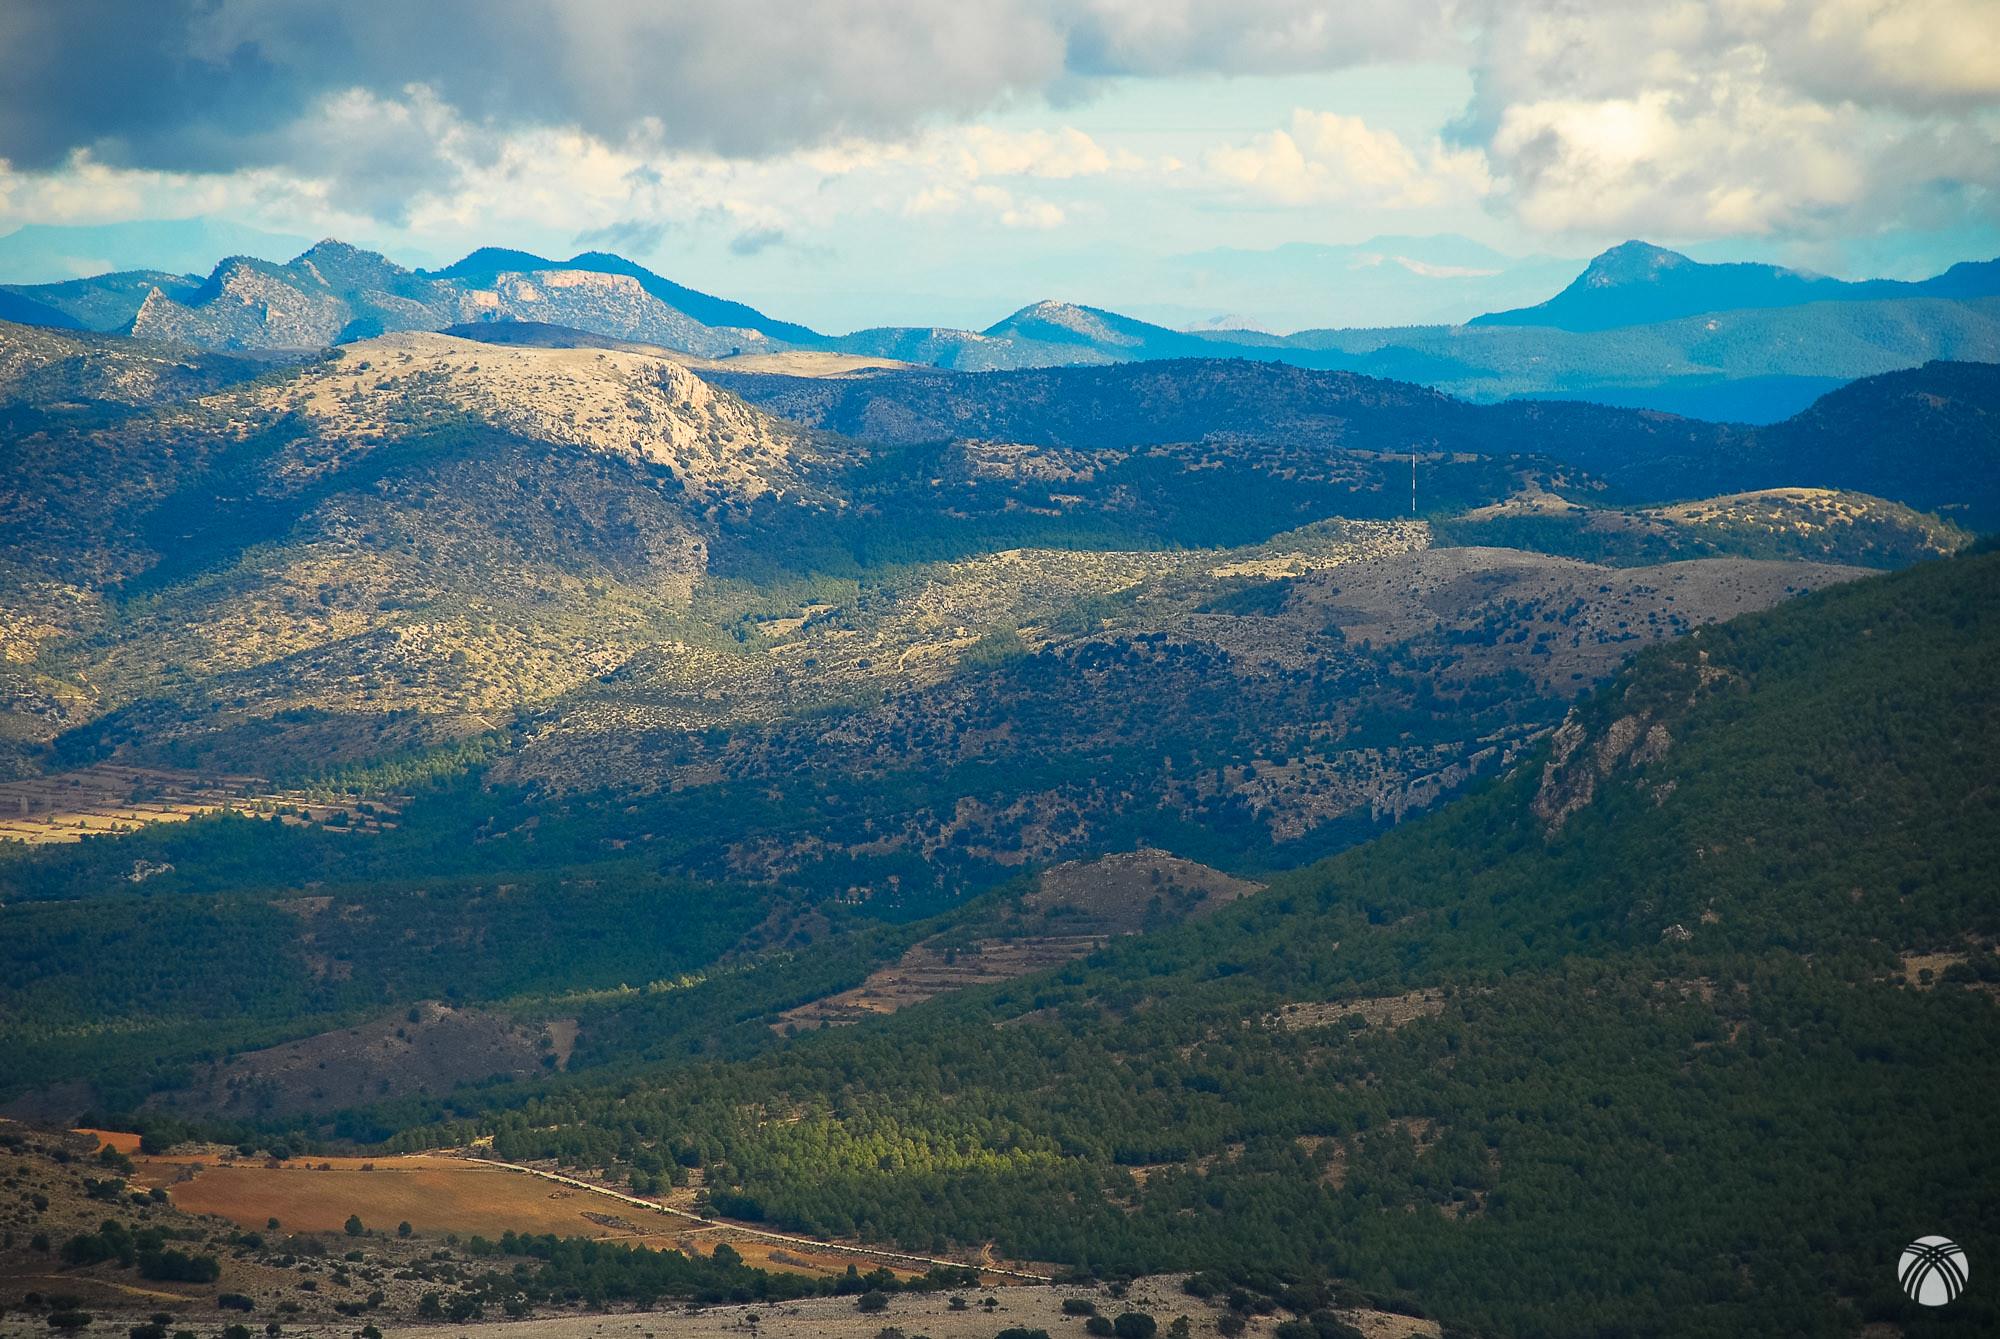 Las montañas del noroeste murciano: el Pajarón a la izquierda y el Buitre a la derecha. Al fondo las canteras ya en la provincia de Alicante